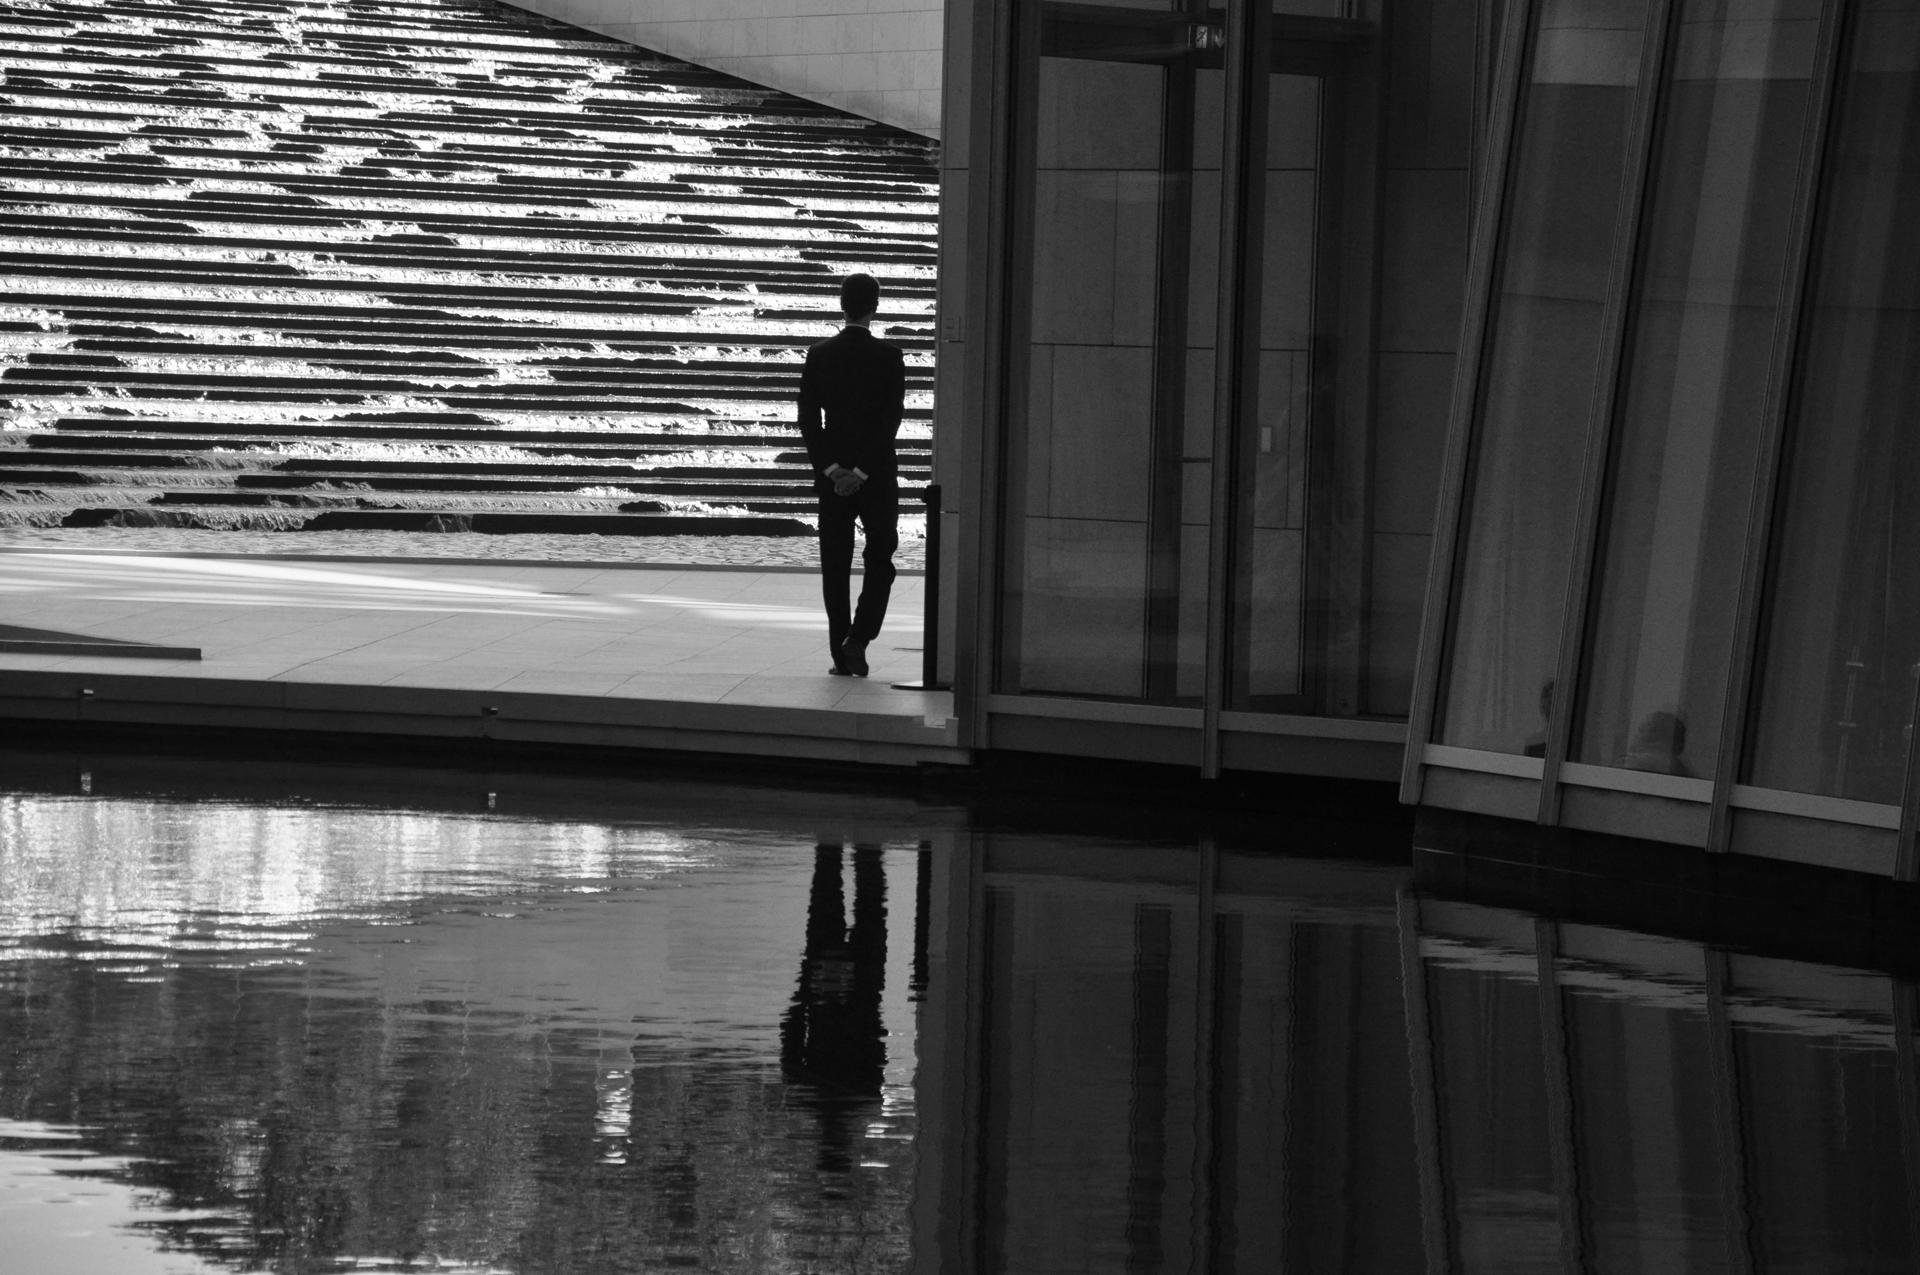 פריז - paris - התבוננות - מוזיאון לואי ויטון - יואל שתרוג - אדמה יוצרת - yoel sitruk